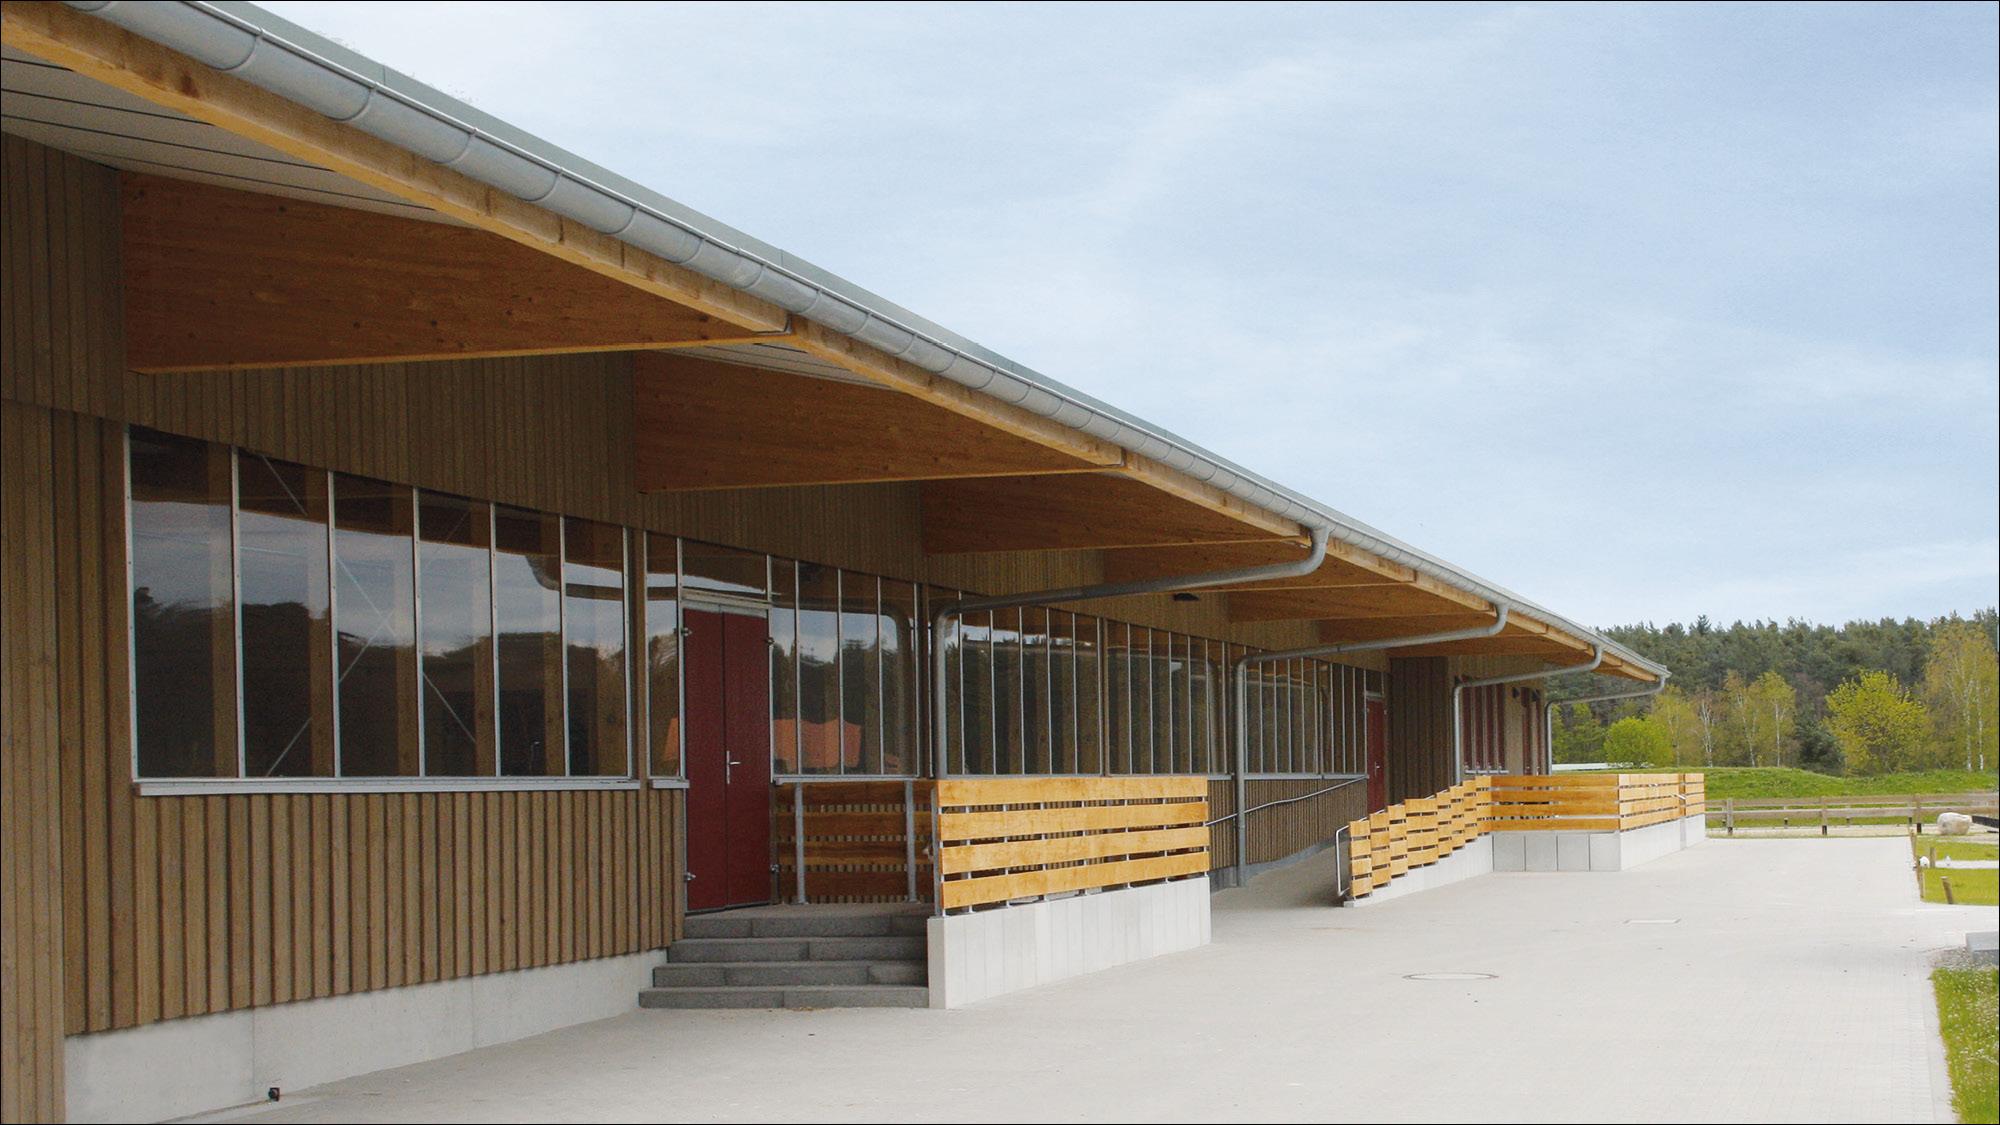 hubertushof-freitag-pferdestallungen-reithalle-2012-02